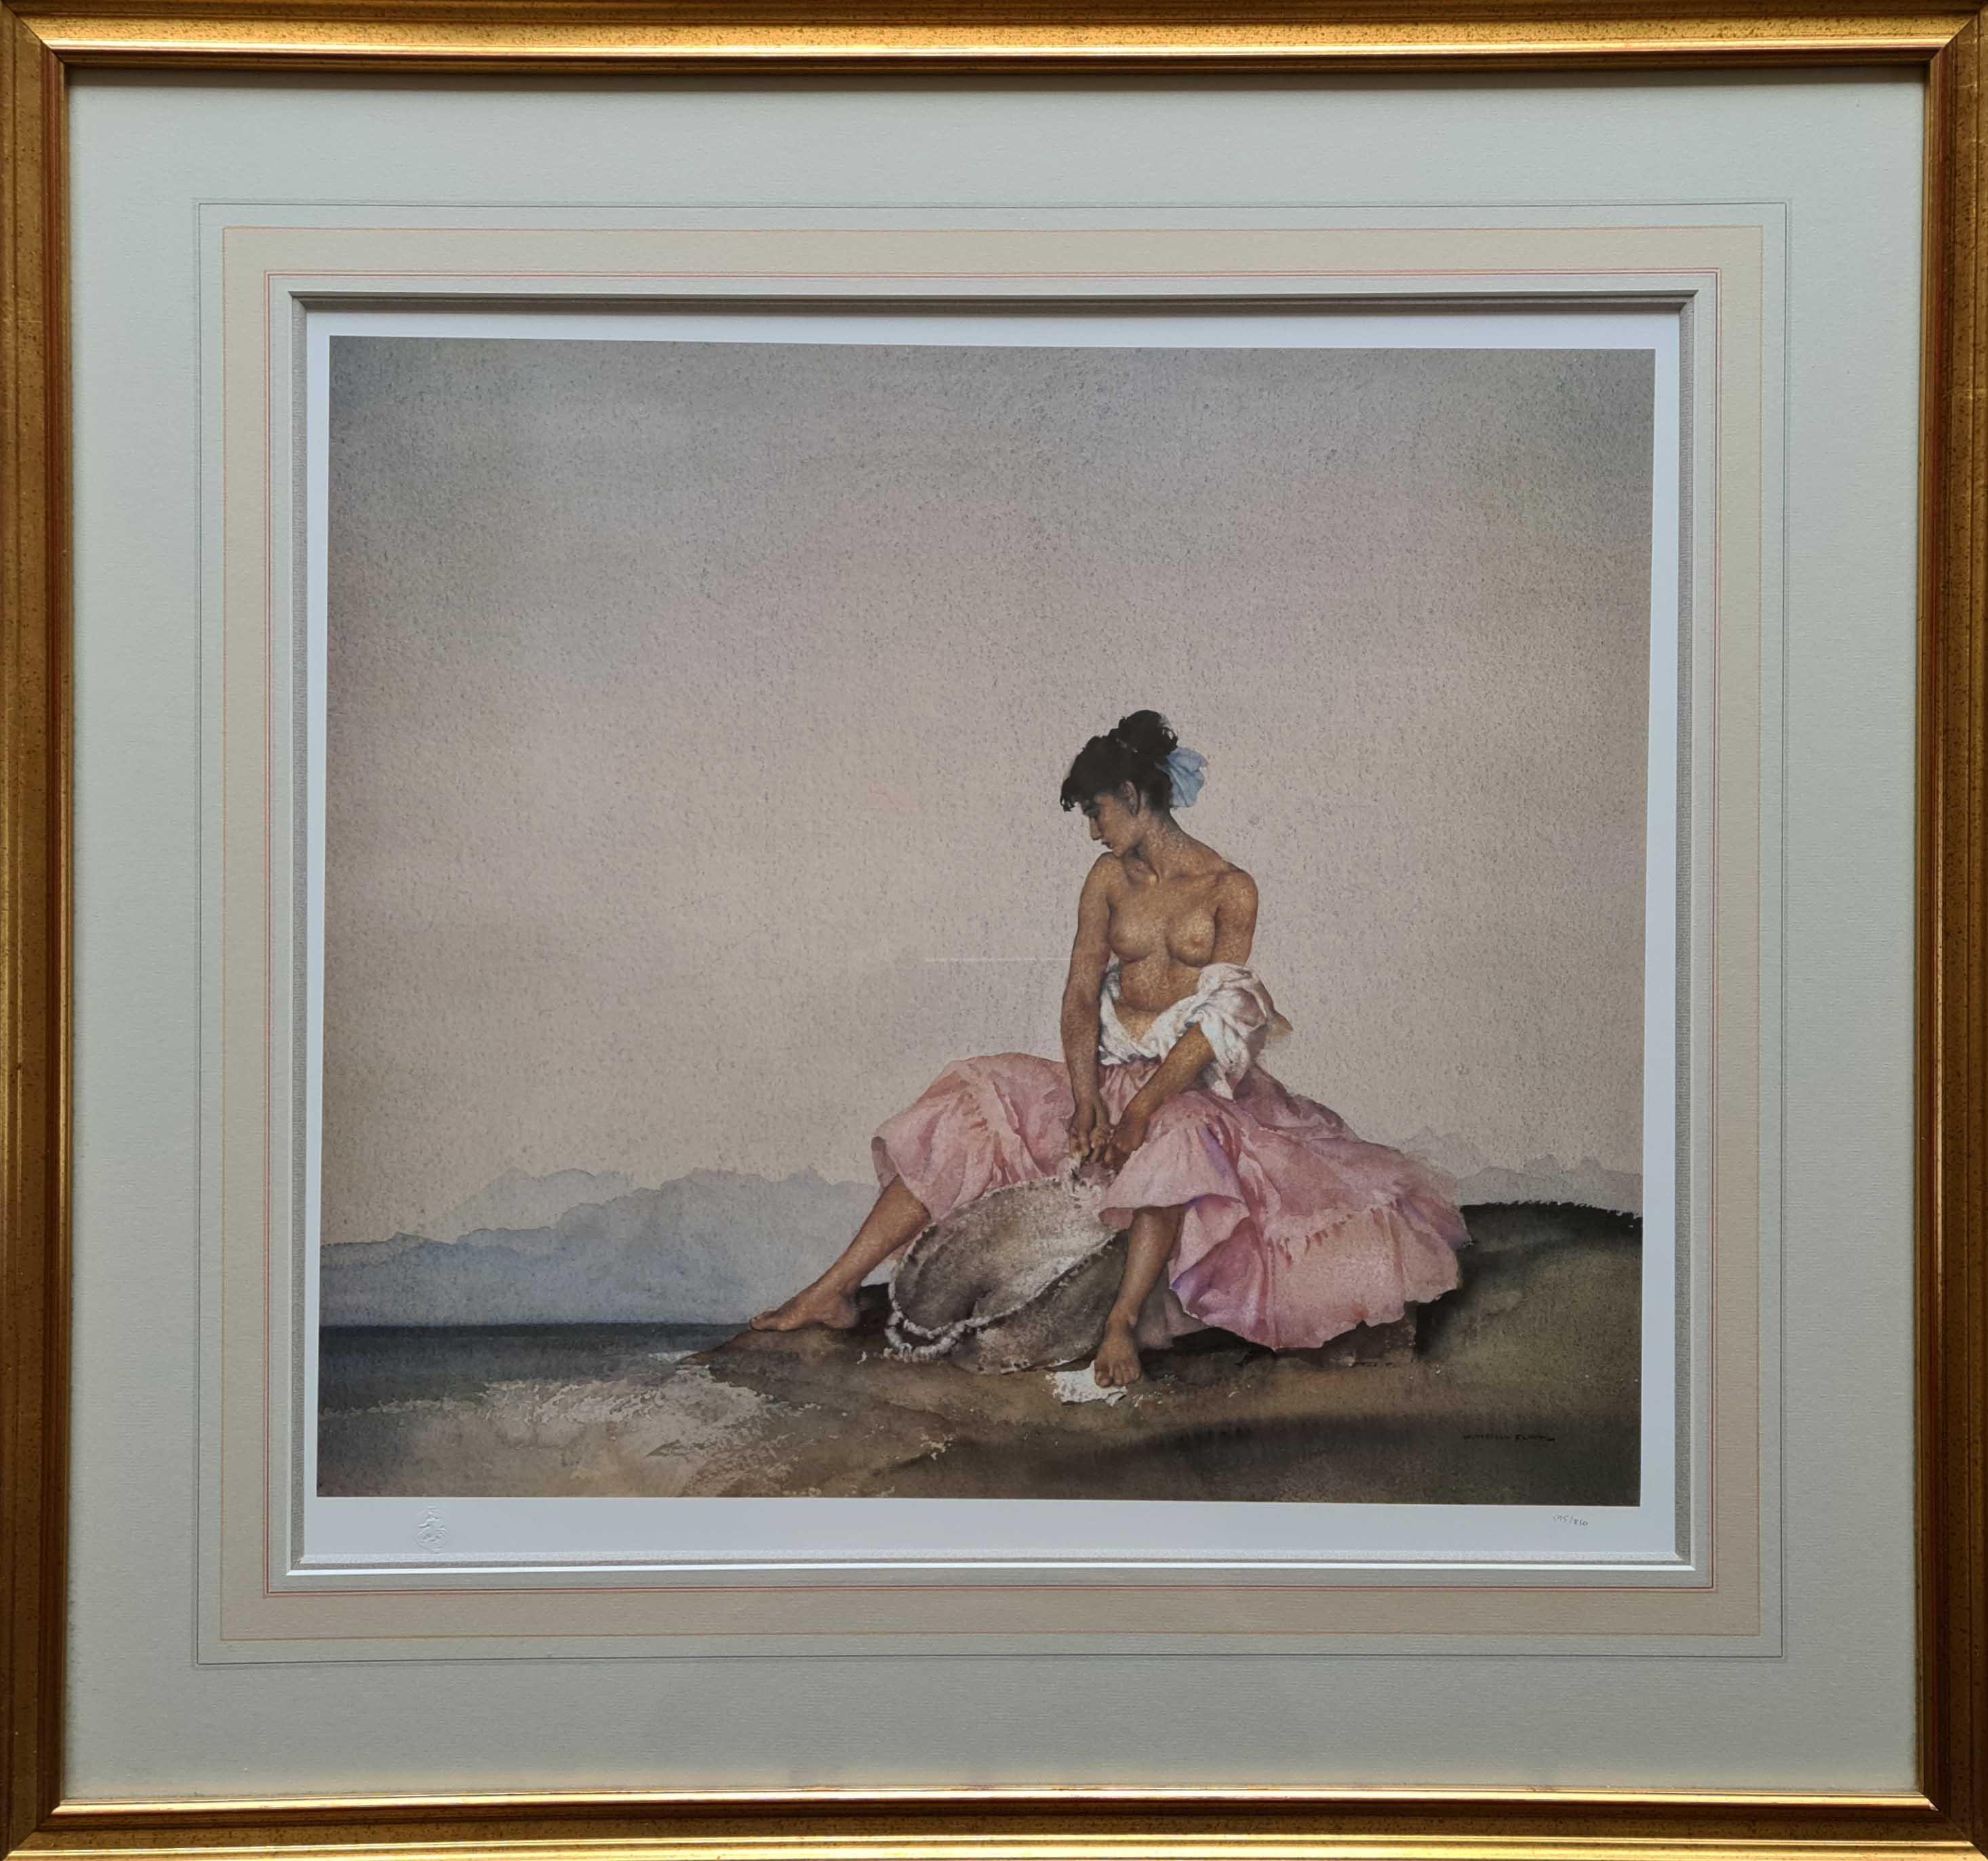 russell flint Ariadne framed